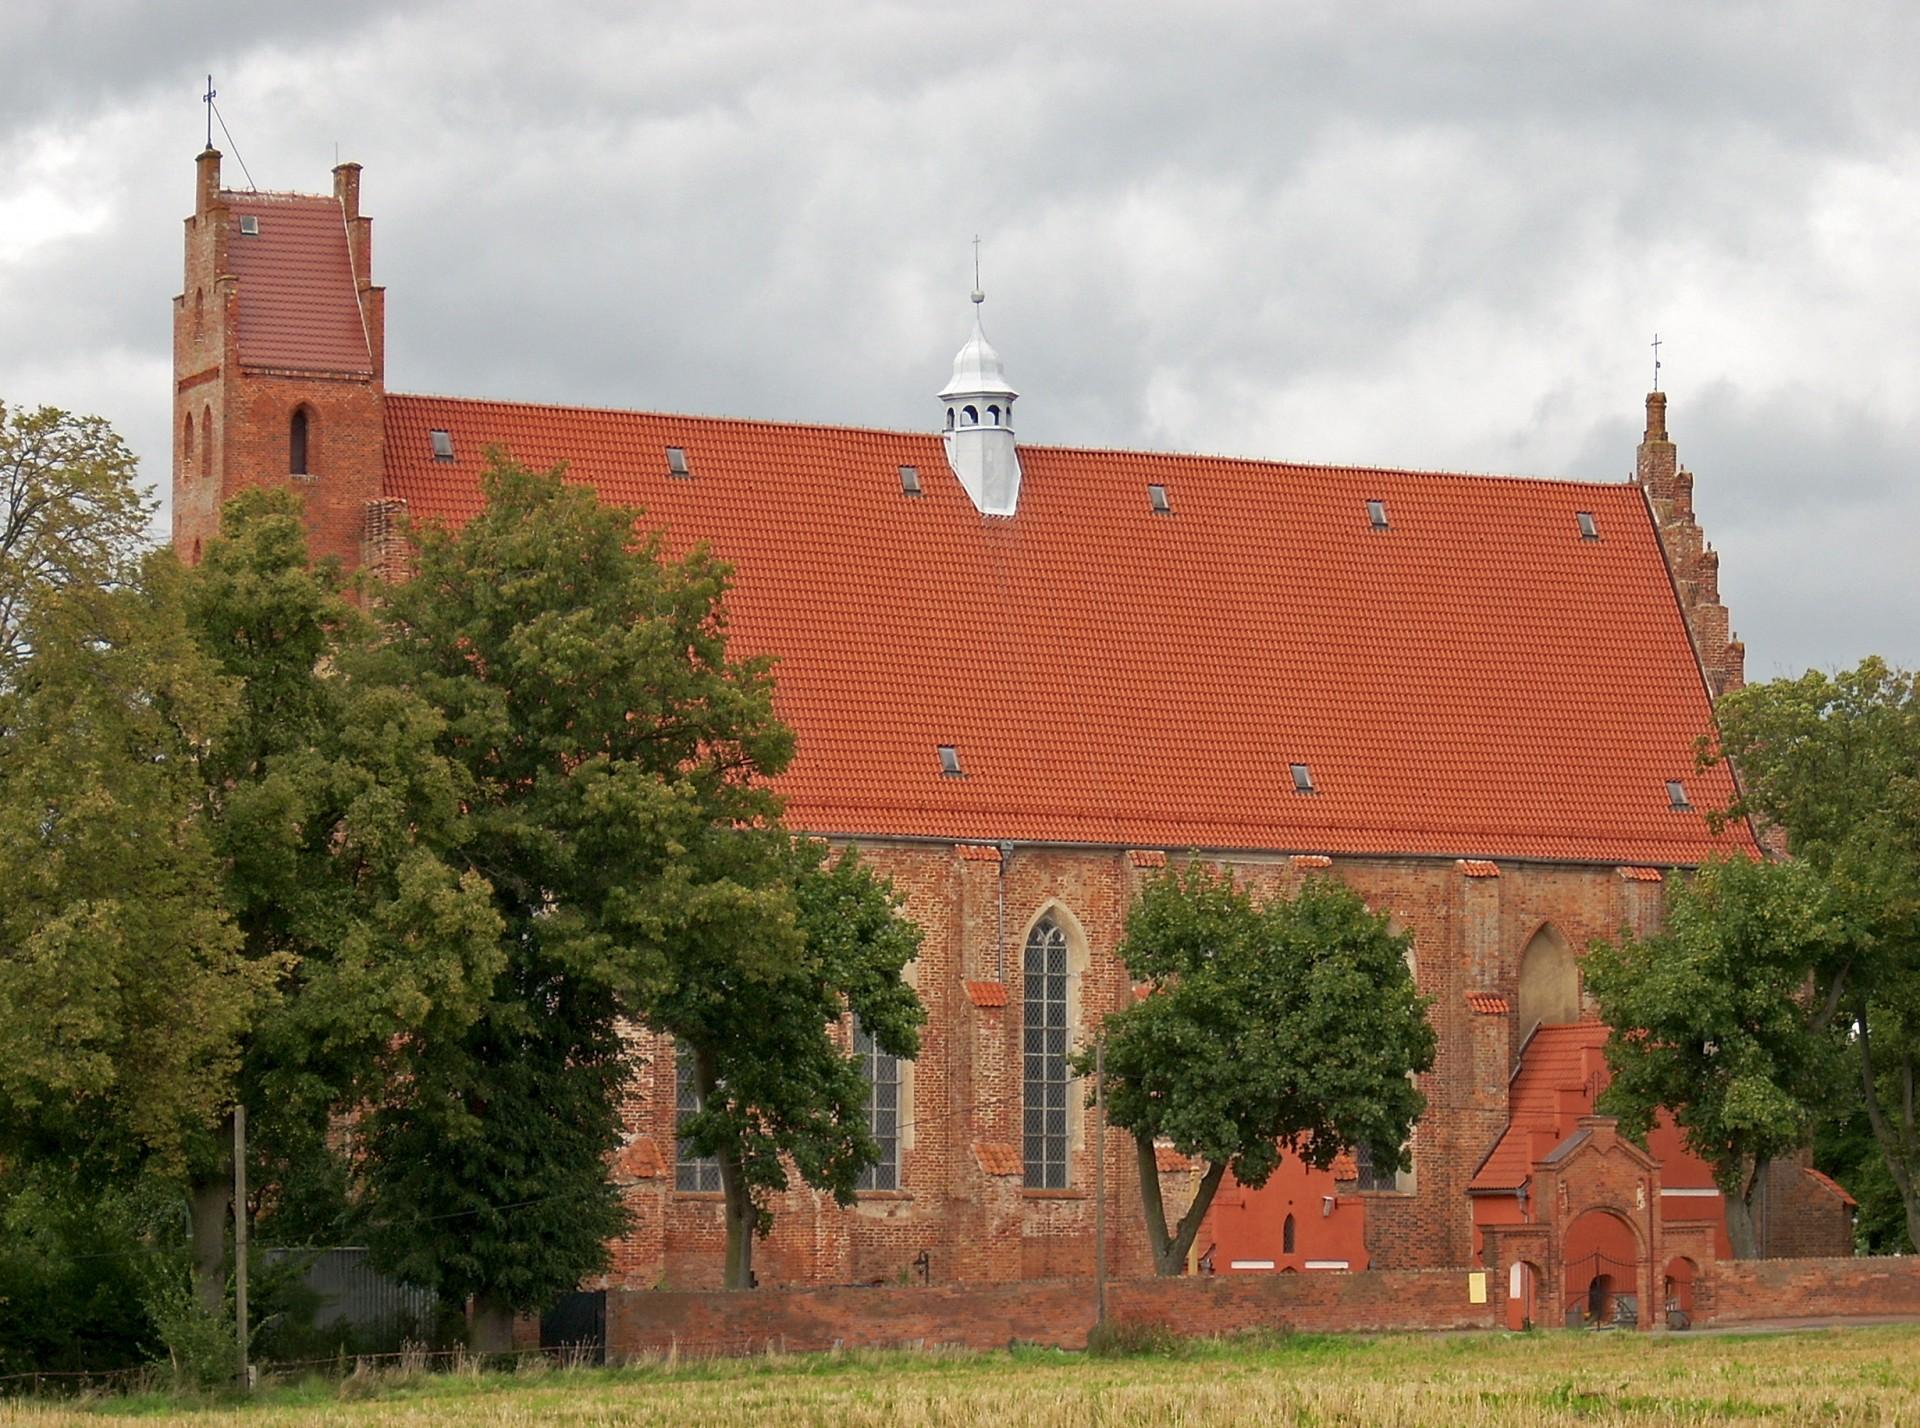 Fot.: Żarnowiec, Kościół Zwiastowania Pana, źródło: Wikipedia, autor: Chrumps